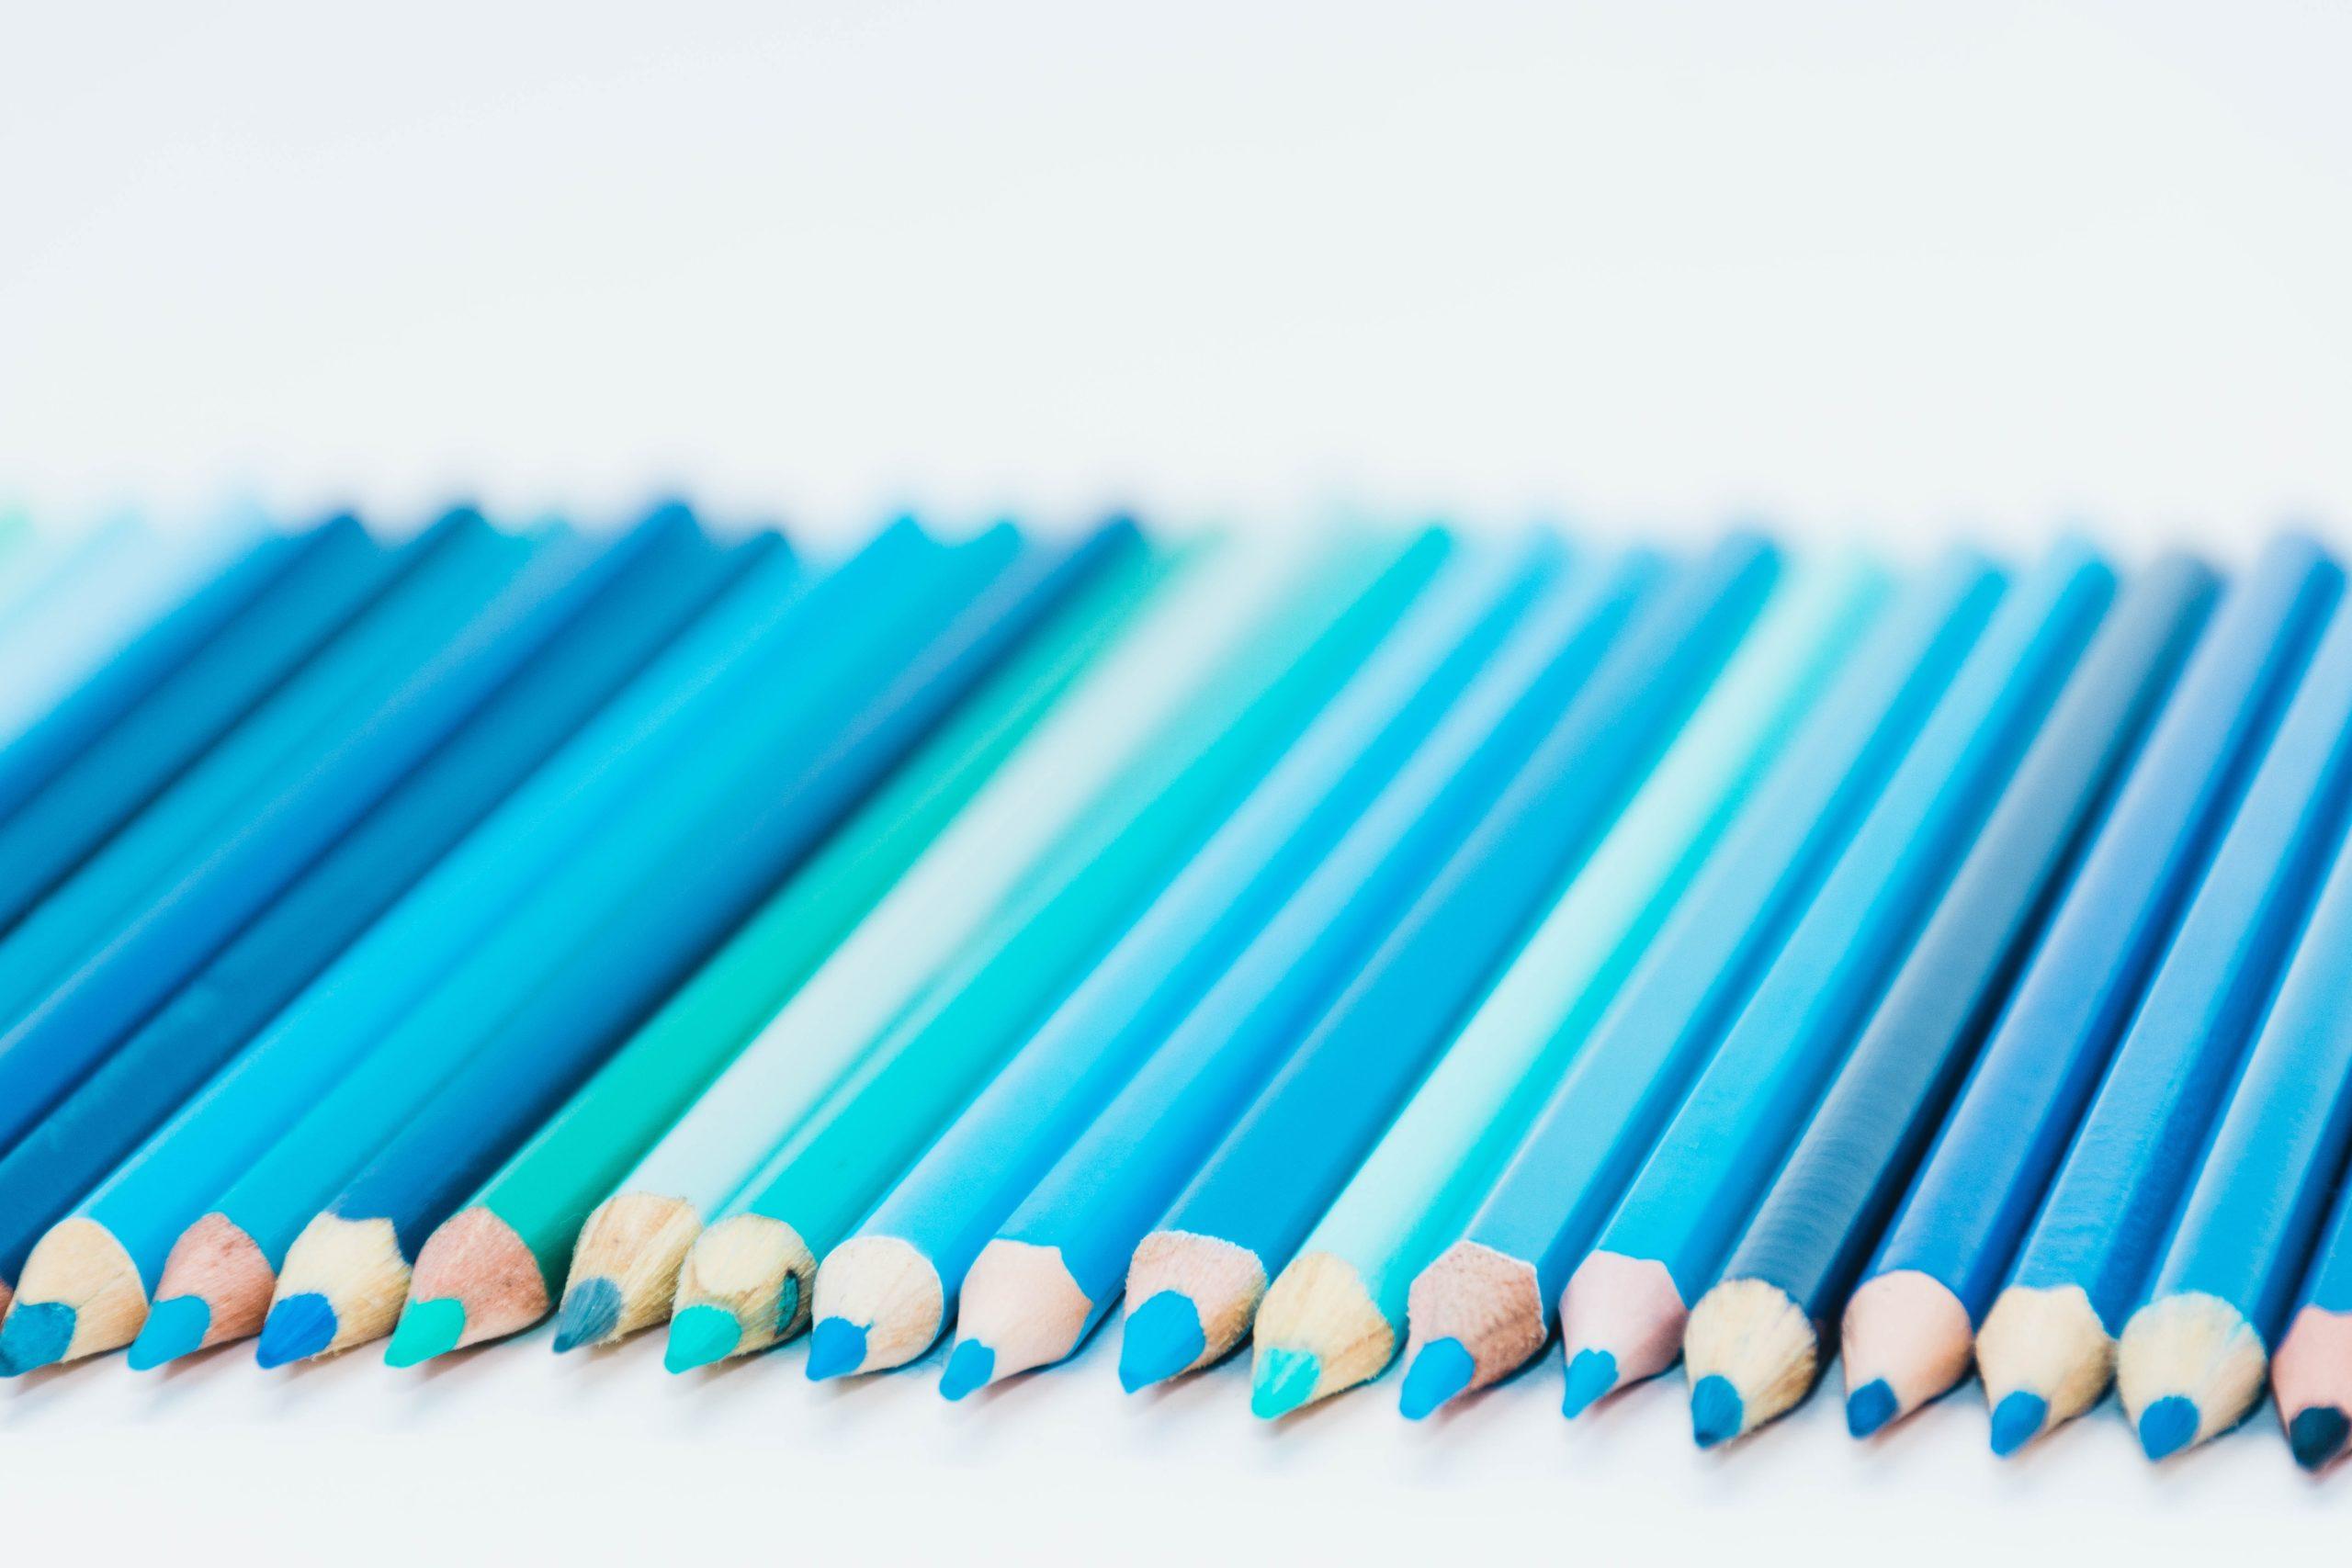 Blue Pencils - VWV Plus